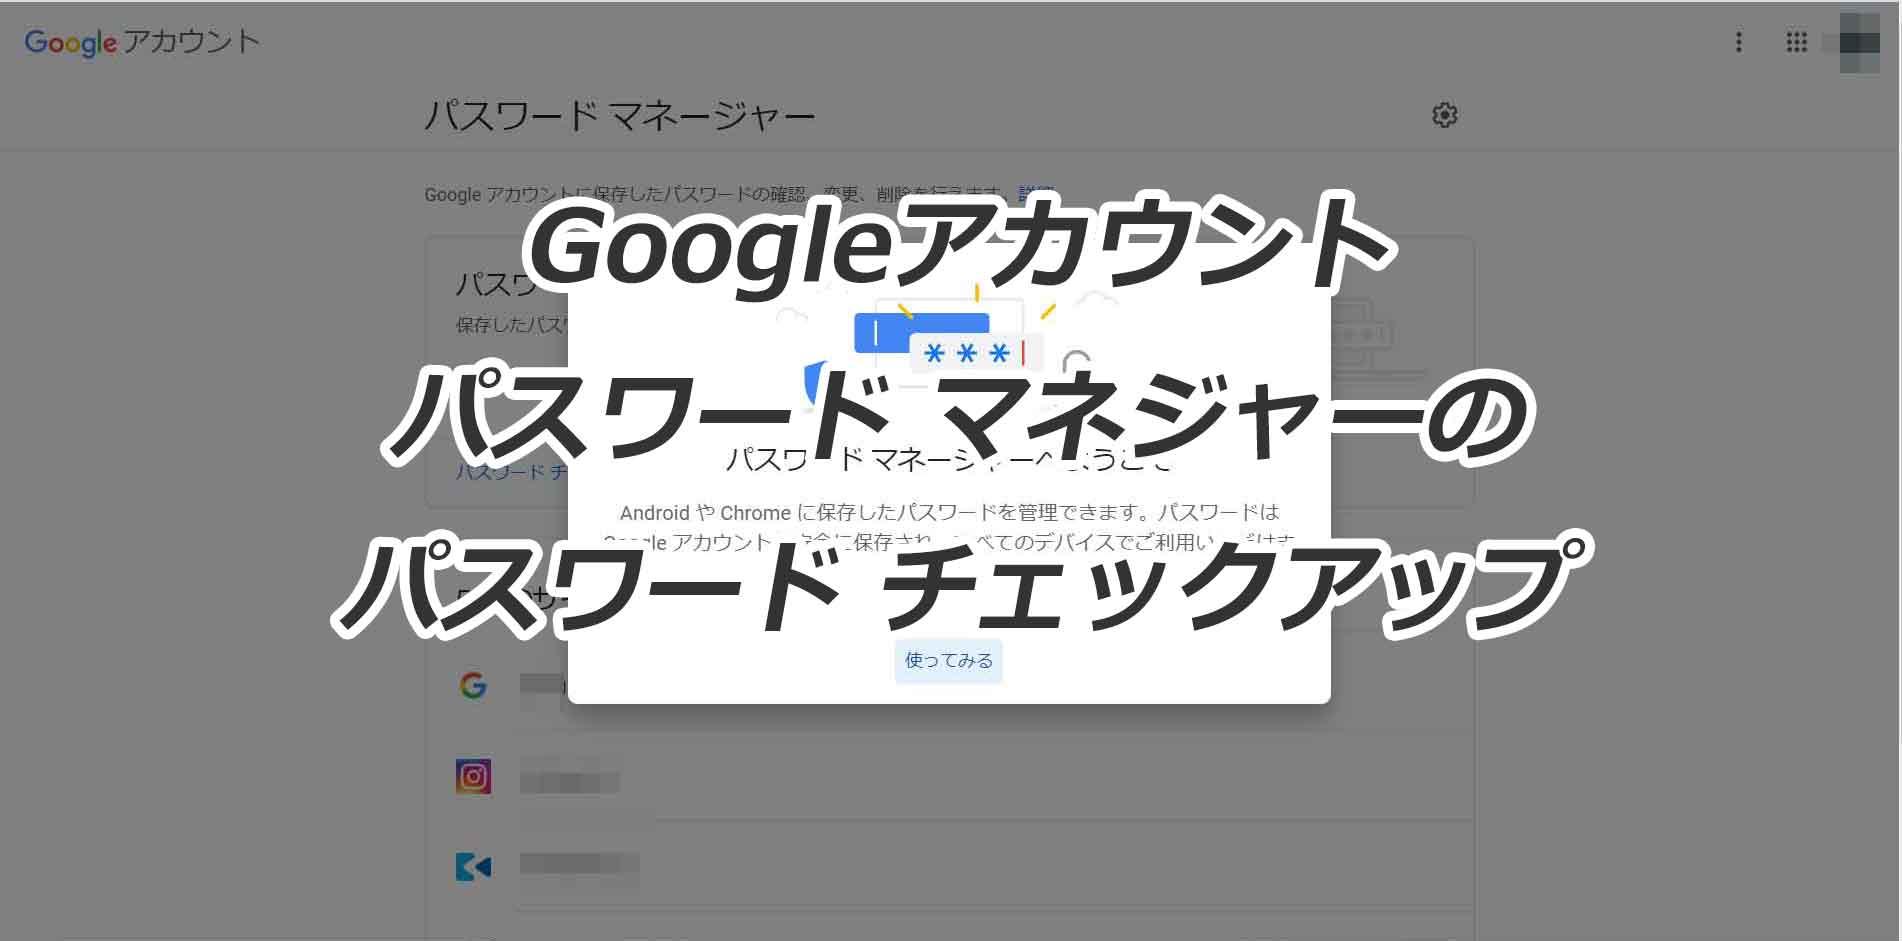 Googleパスワードマネジャーのパスワードチェックアップについて